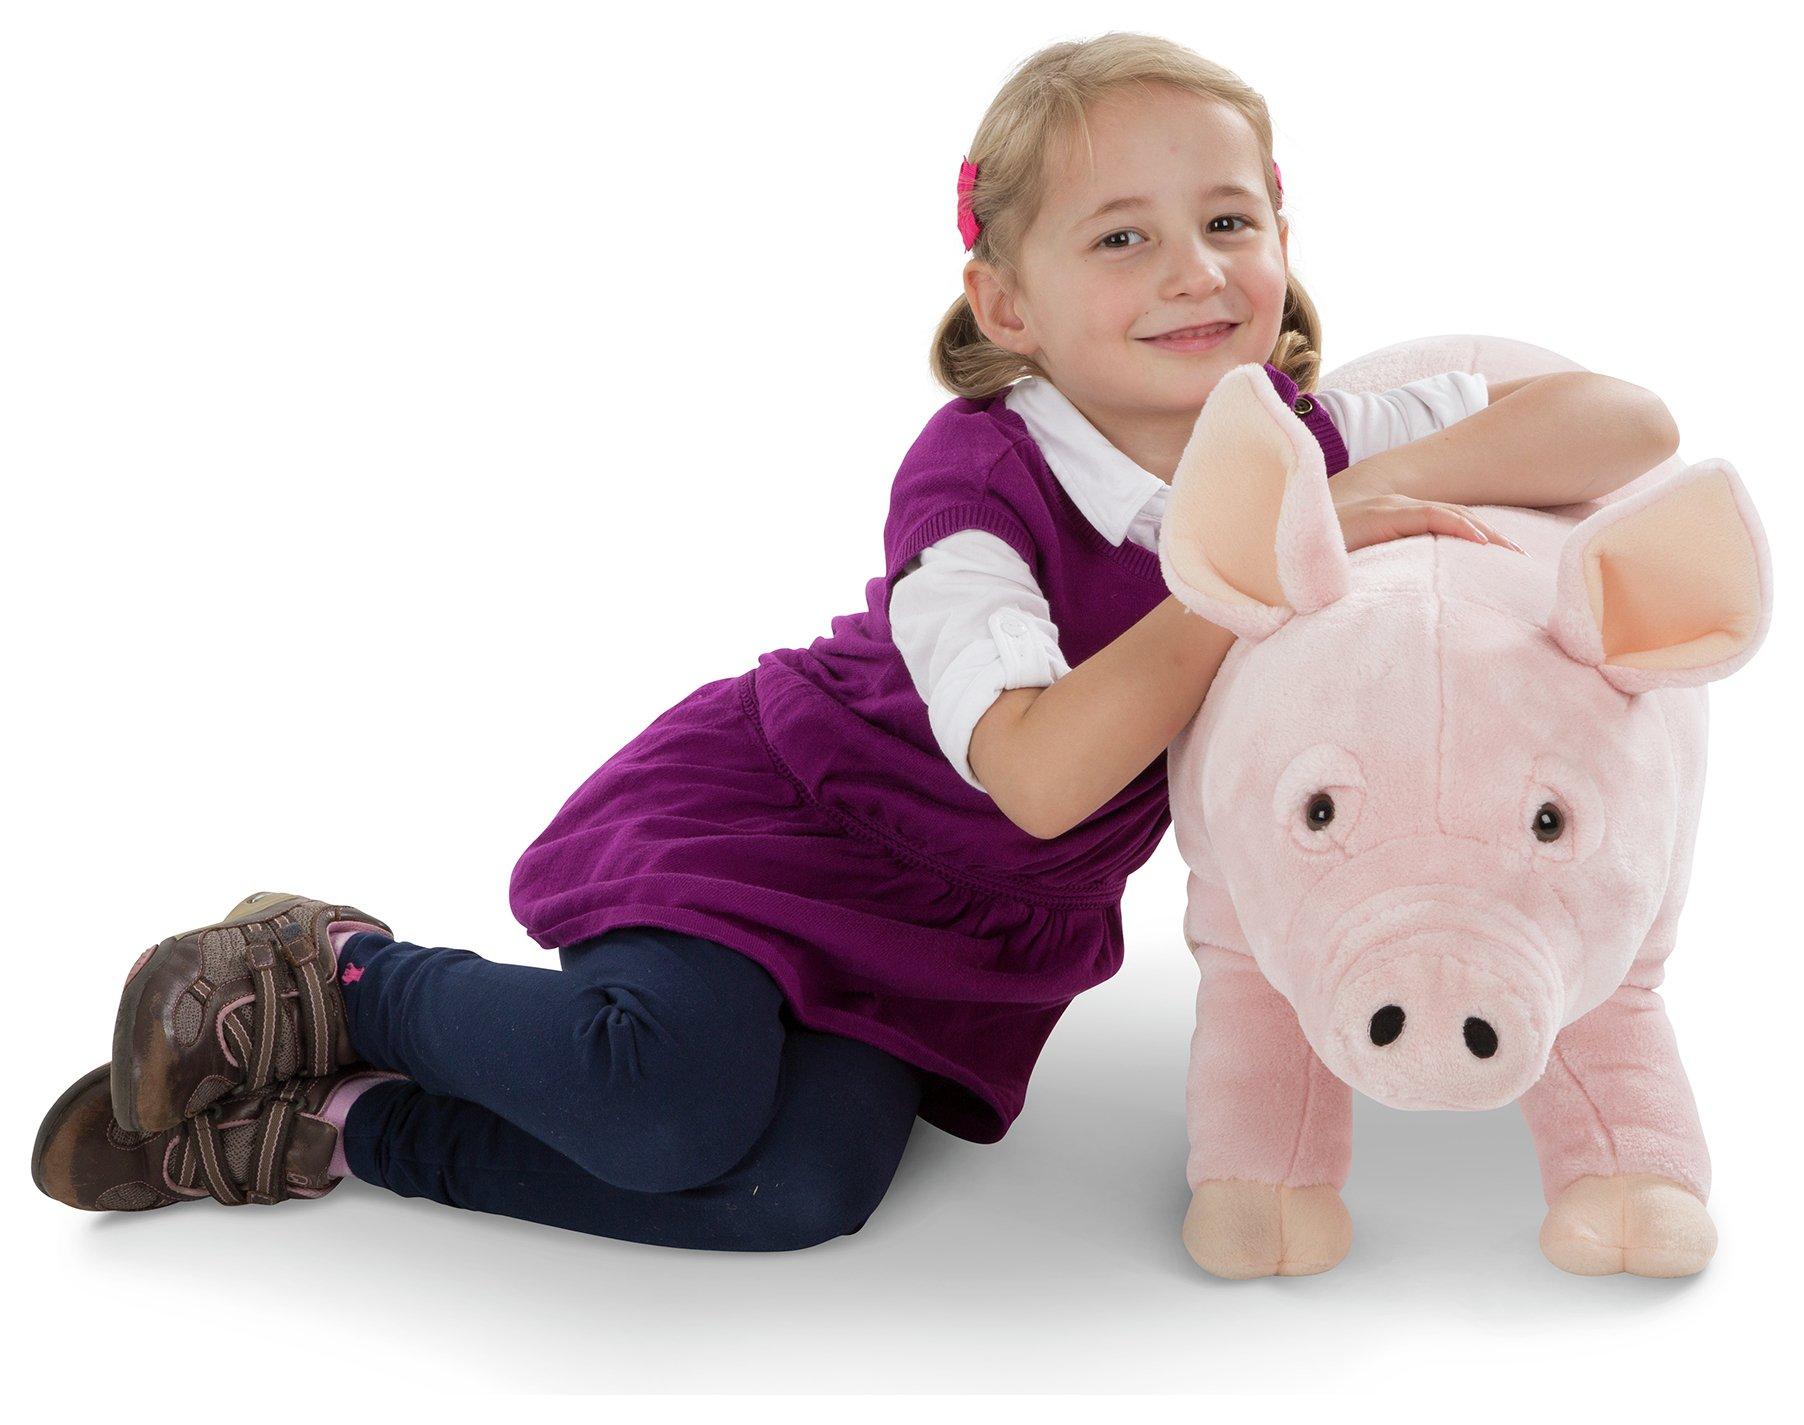 Melissa & doug Pig Soft Toy review